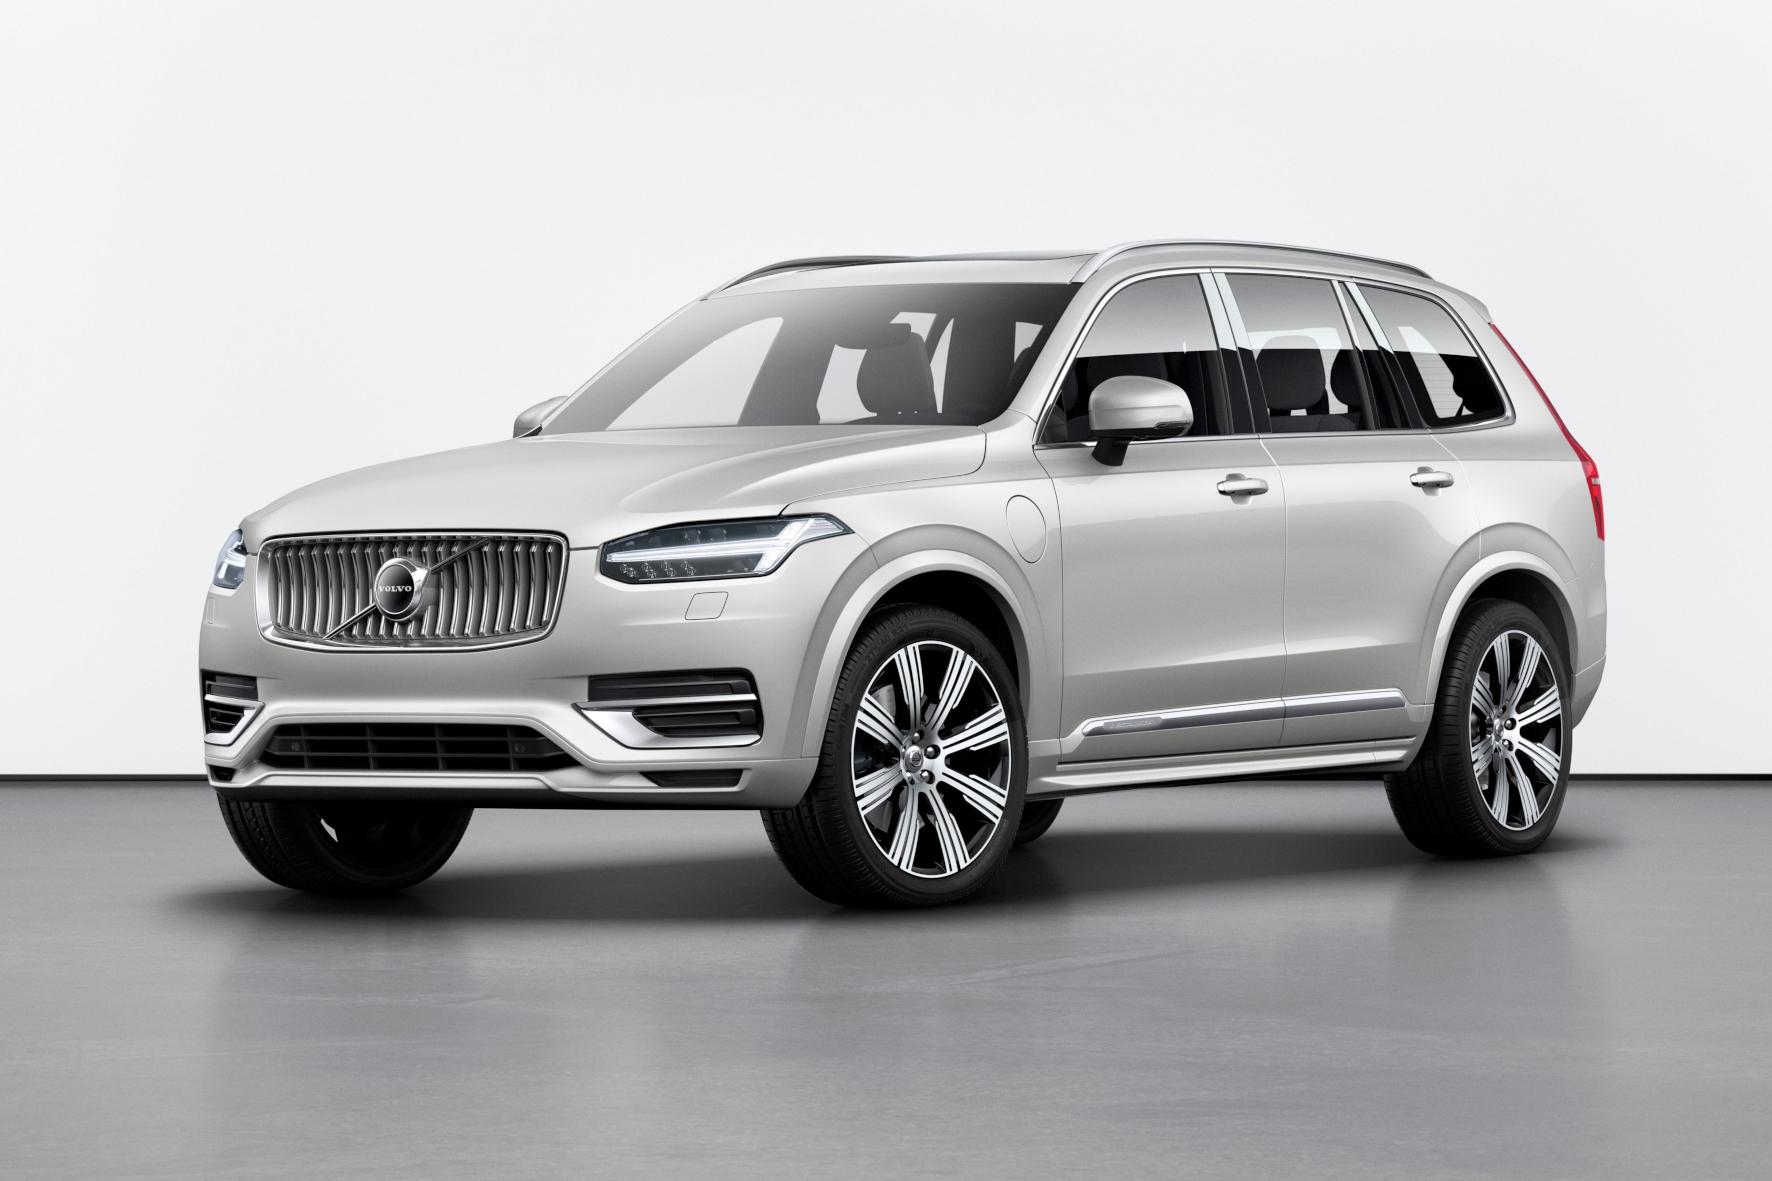 mid Groß-Gerau - Der Volvo XC90 startet mit behutsam erneuerter Front ins Modelljahr 2020. Volvo